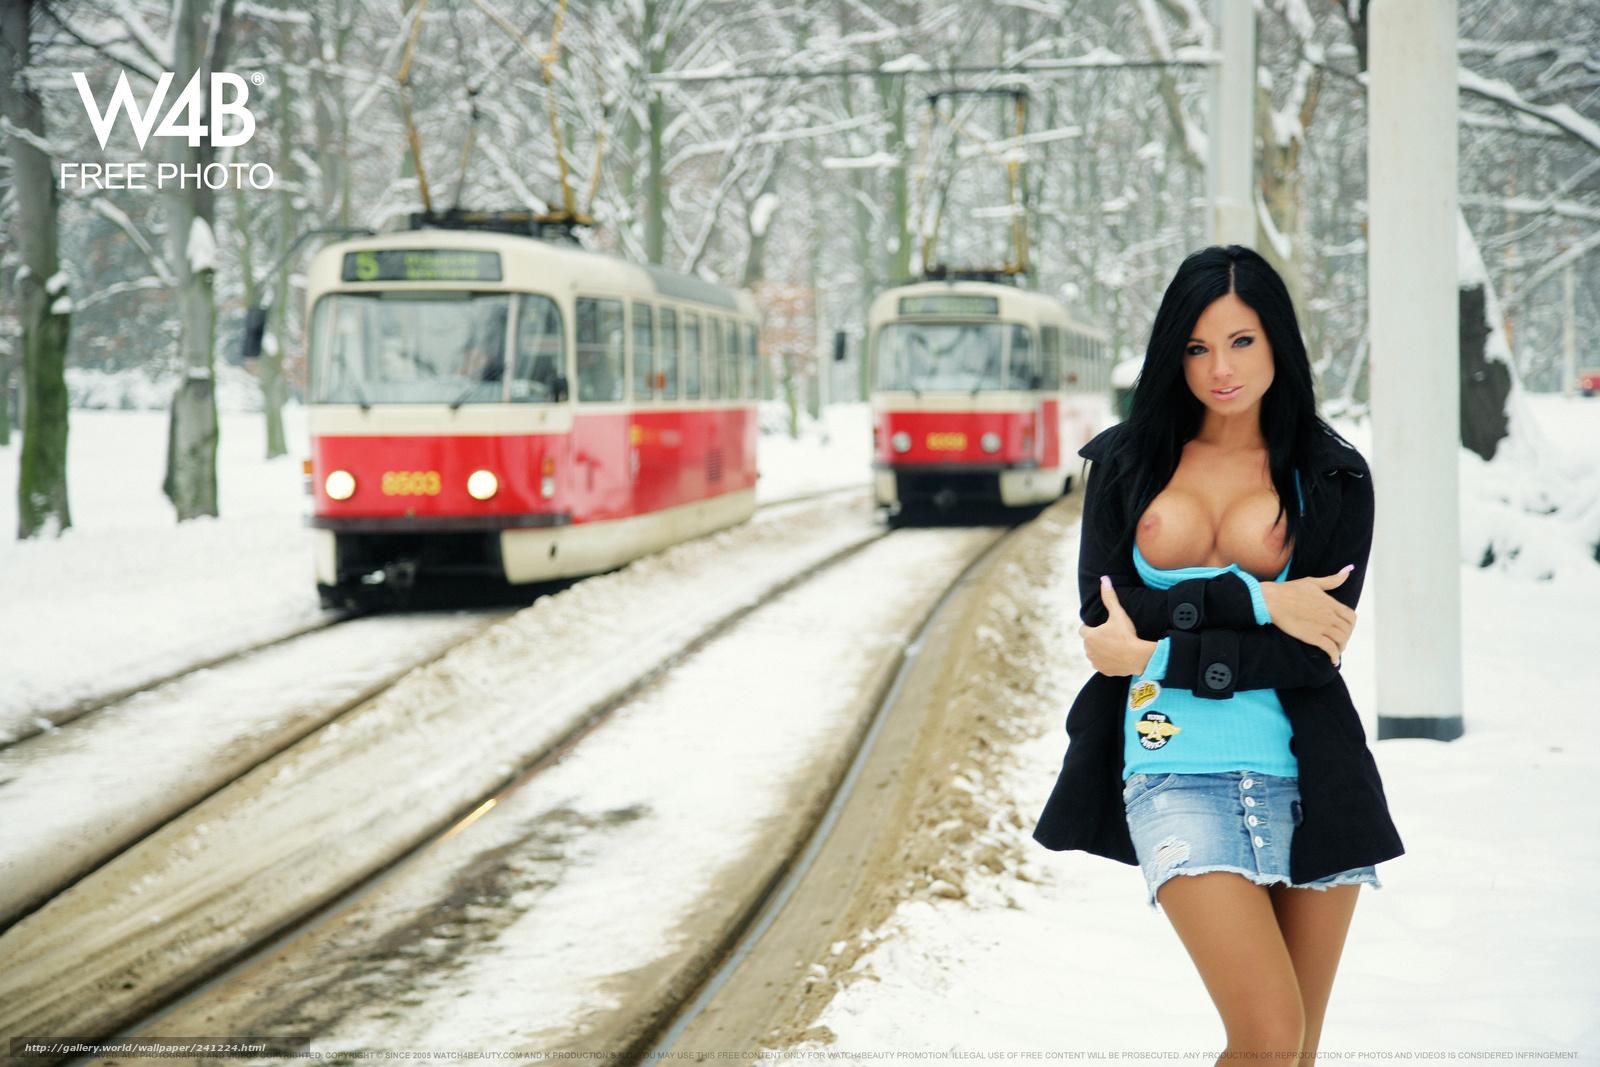 трахает на трамвайе